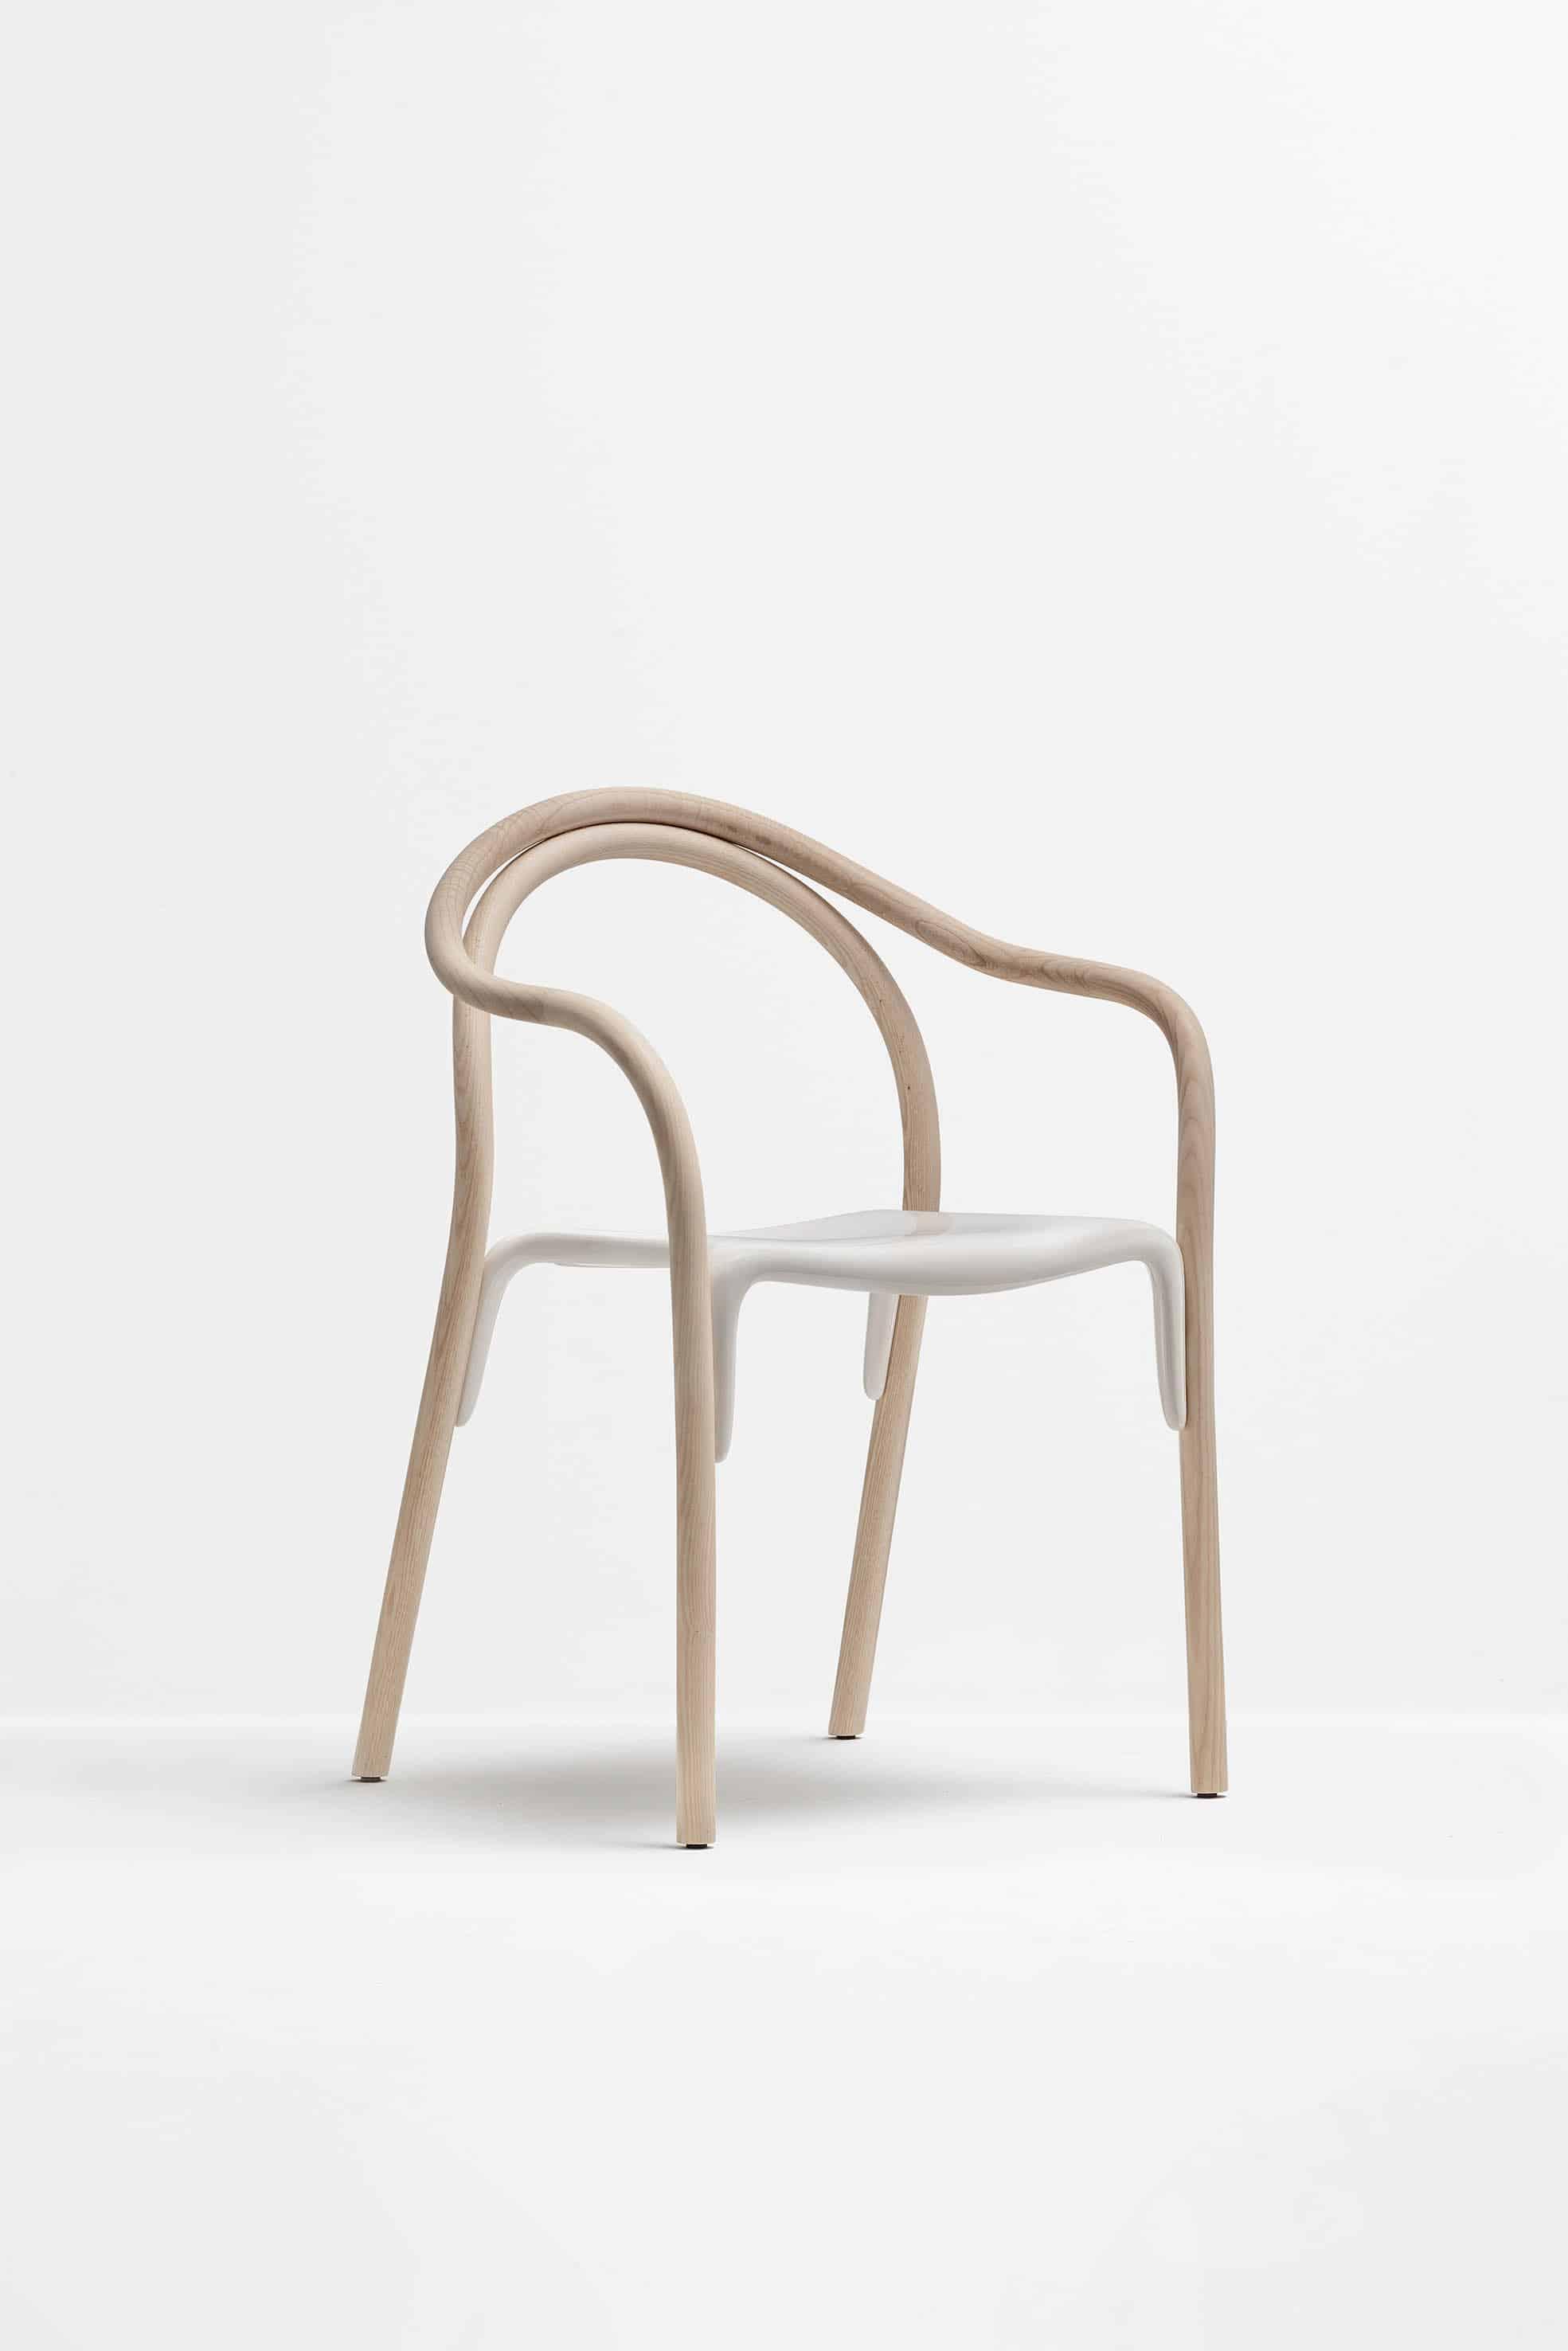 PEDRALI SOUL 3745 fauteuil contemporain avec son assise en polyc